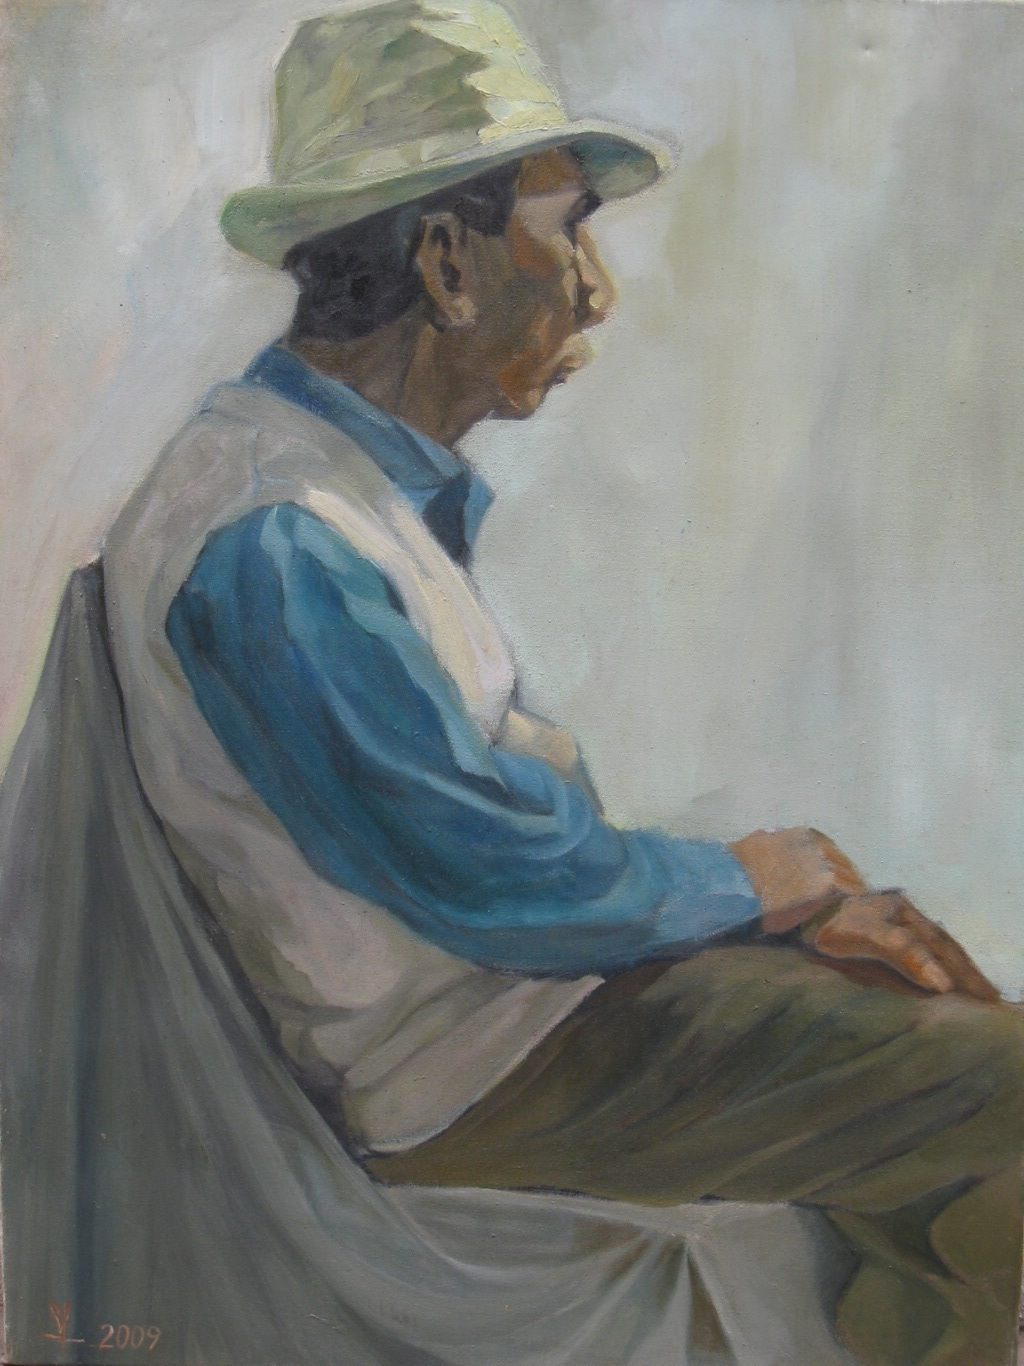 Old man – 2009